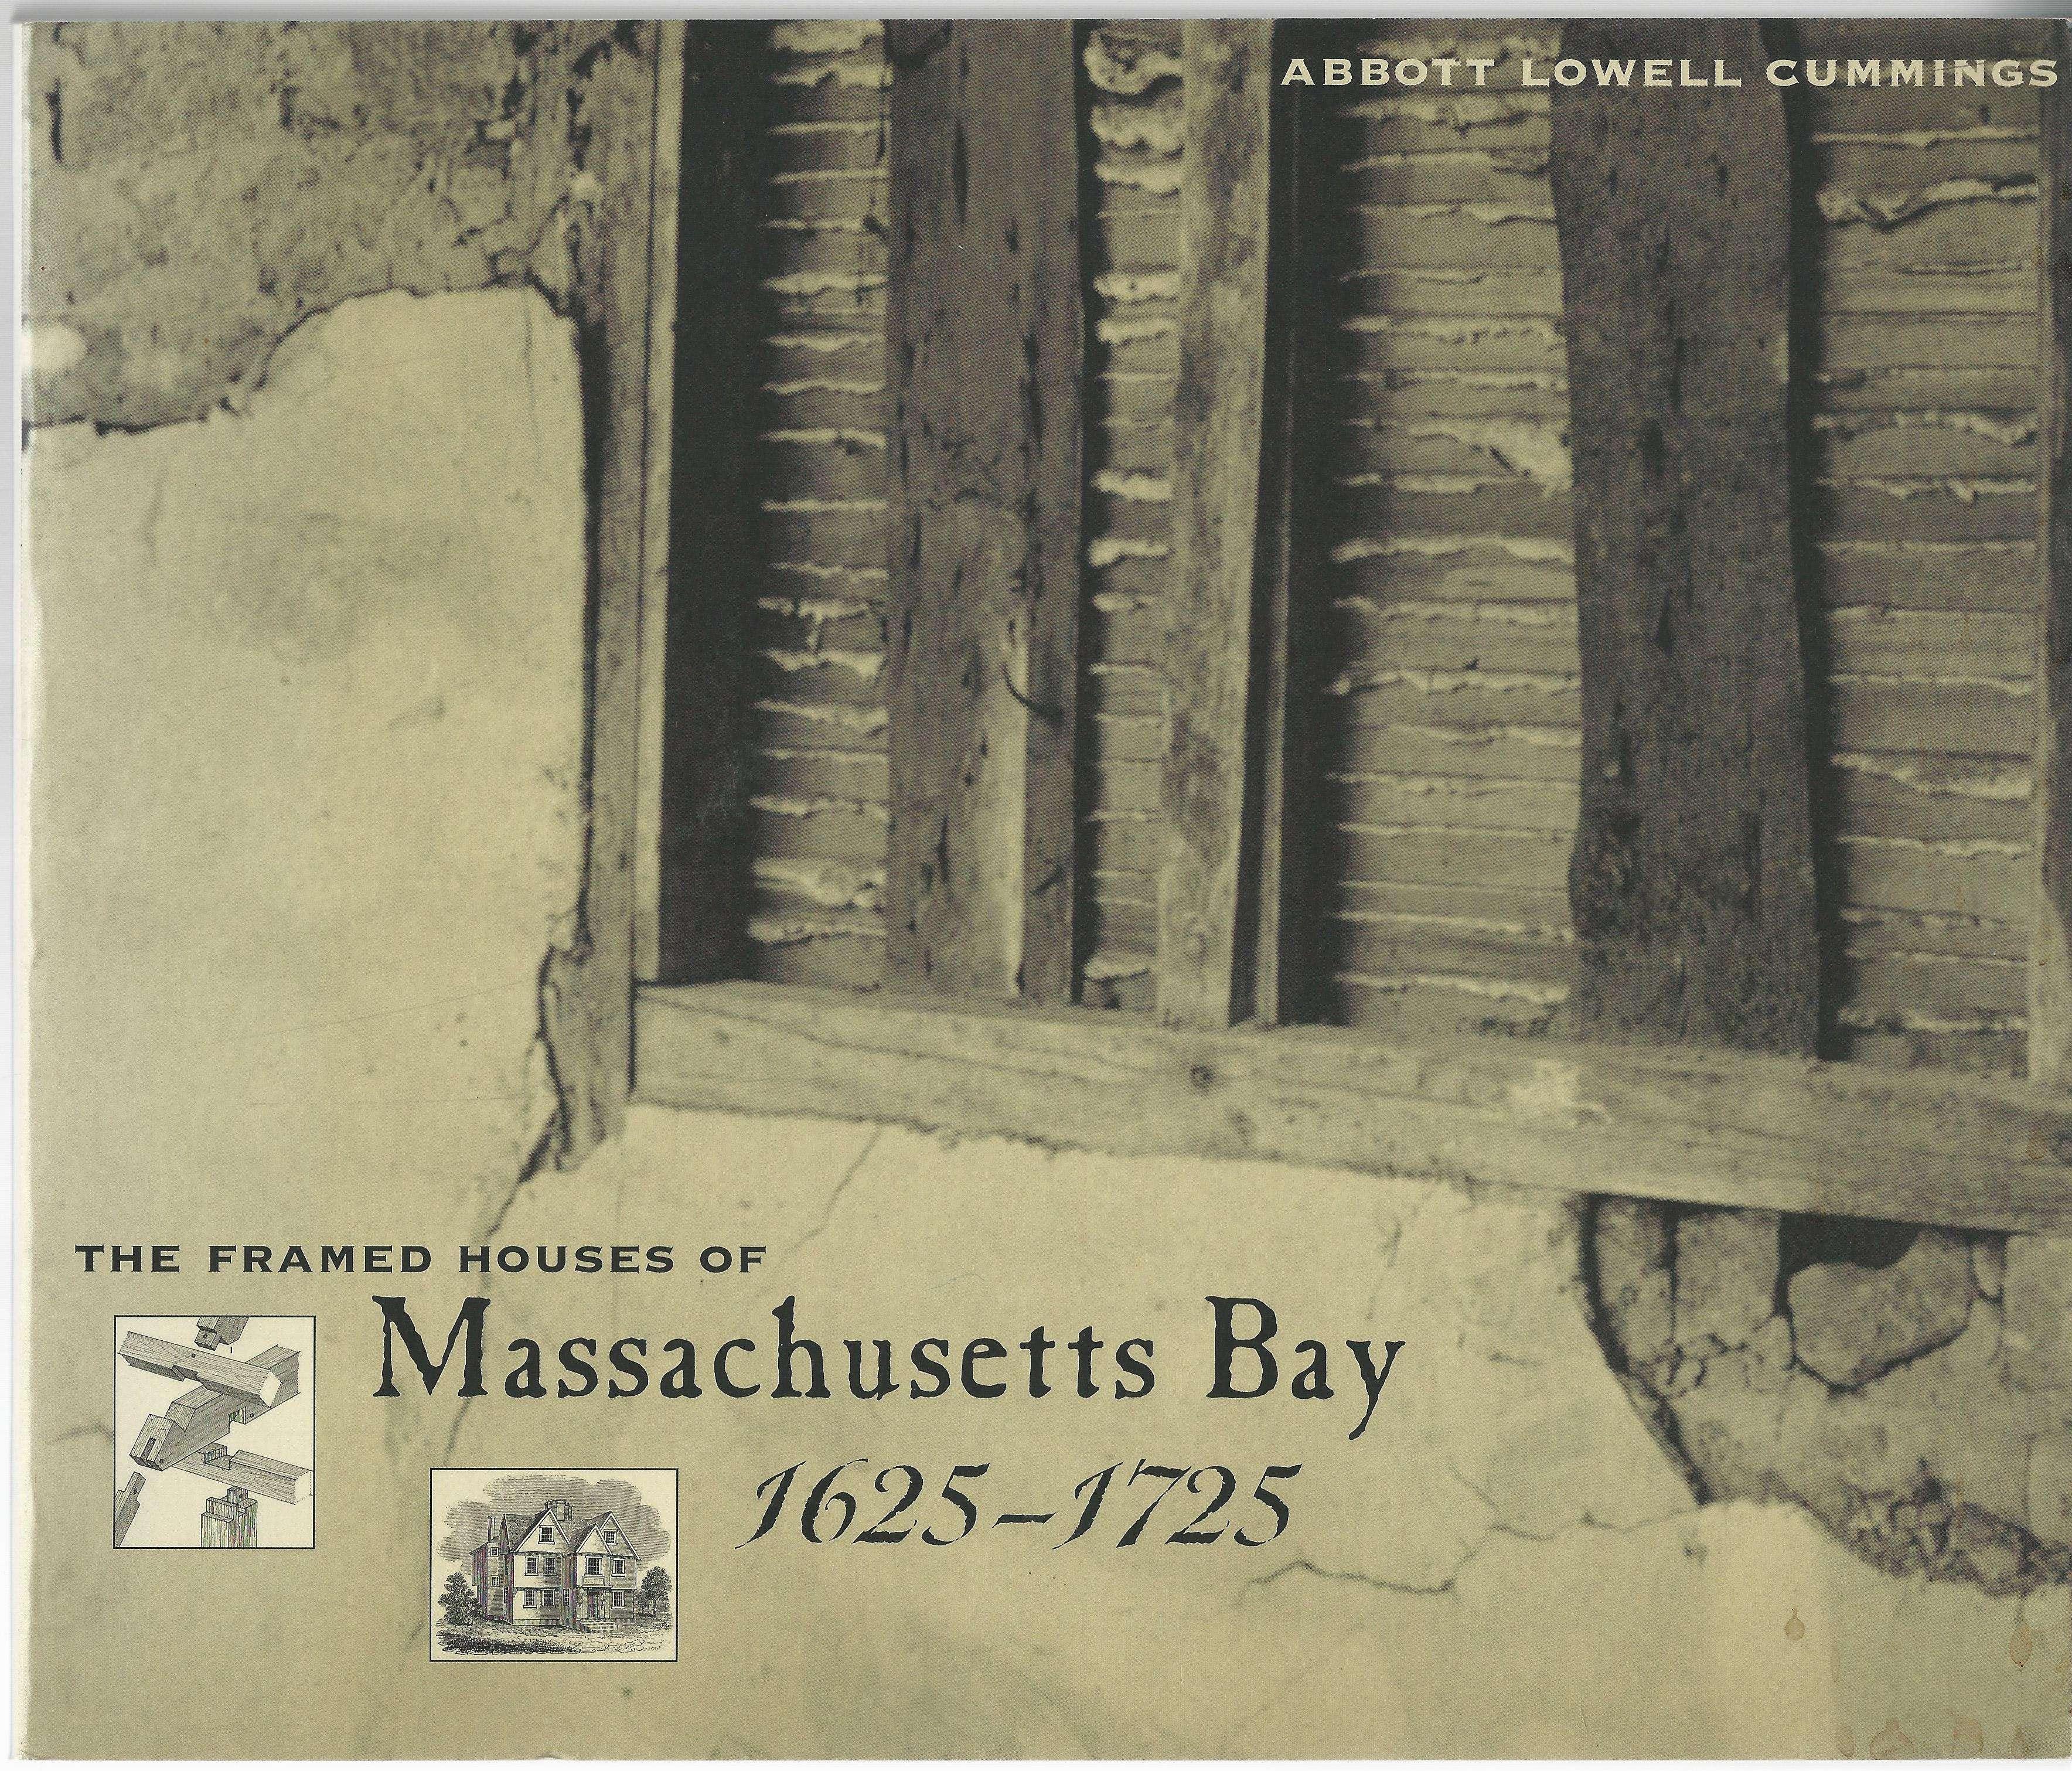 The Framed Houses of Massachusetts Bay, 1625-1725, Cummings, Abbott Lowell